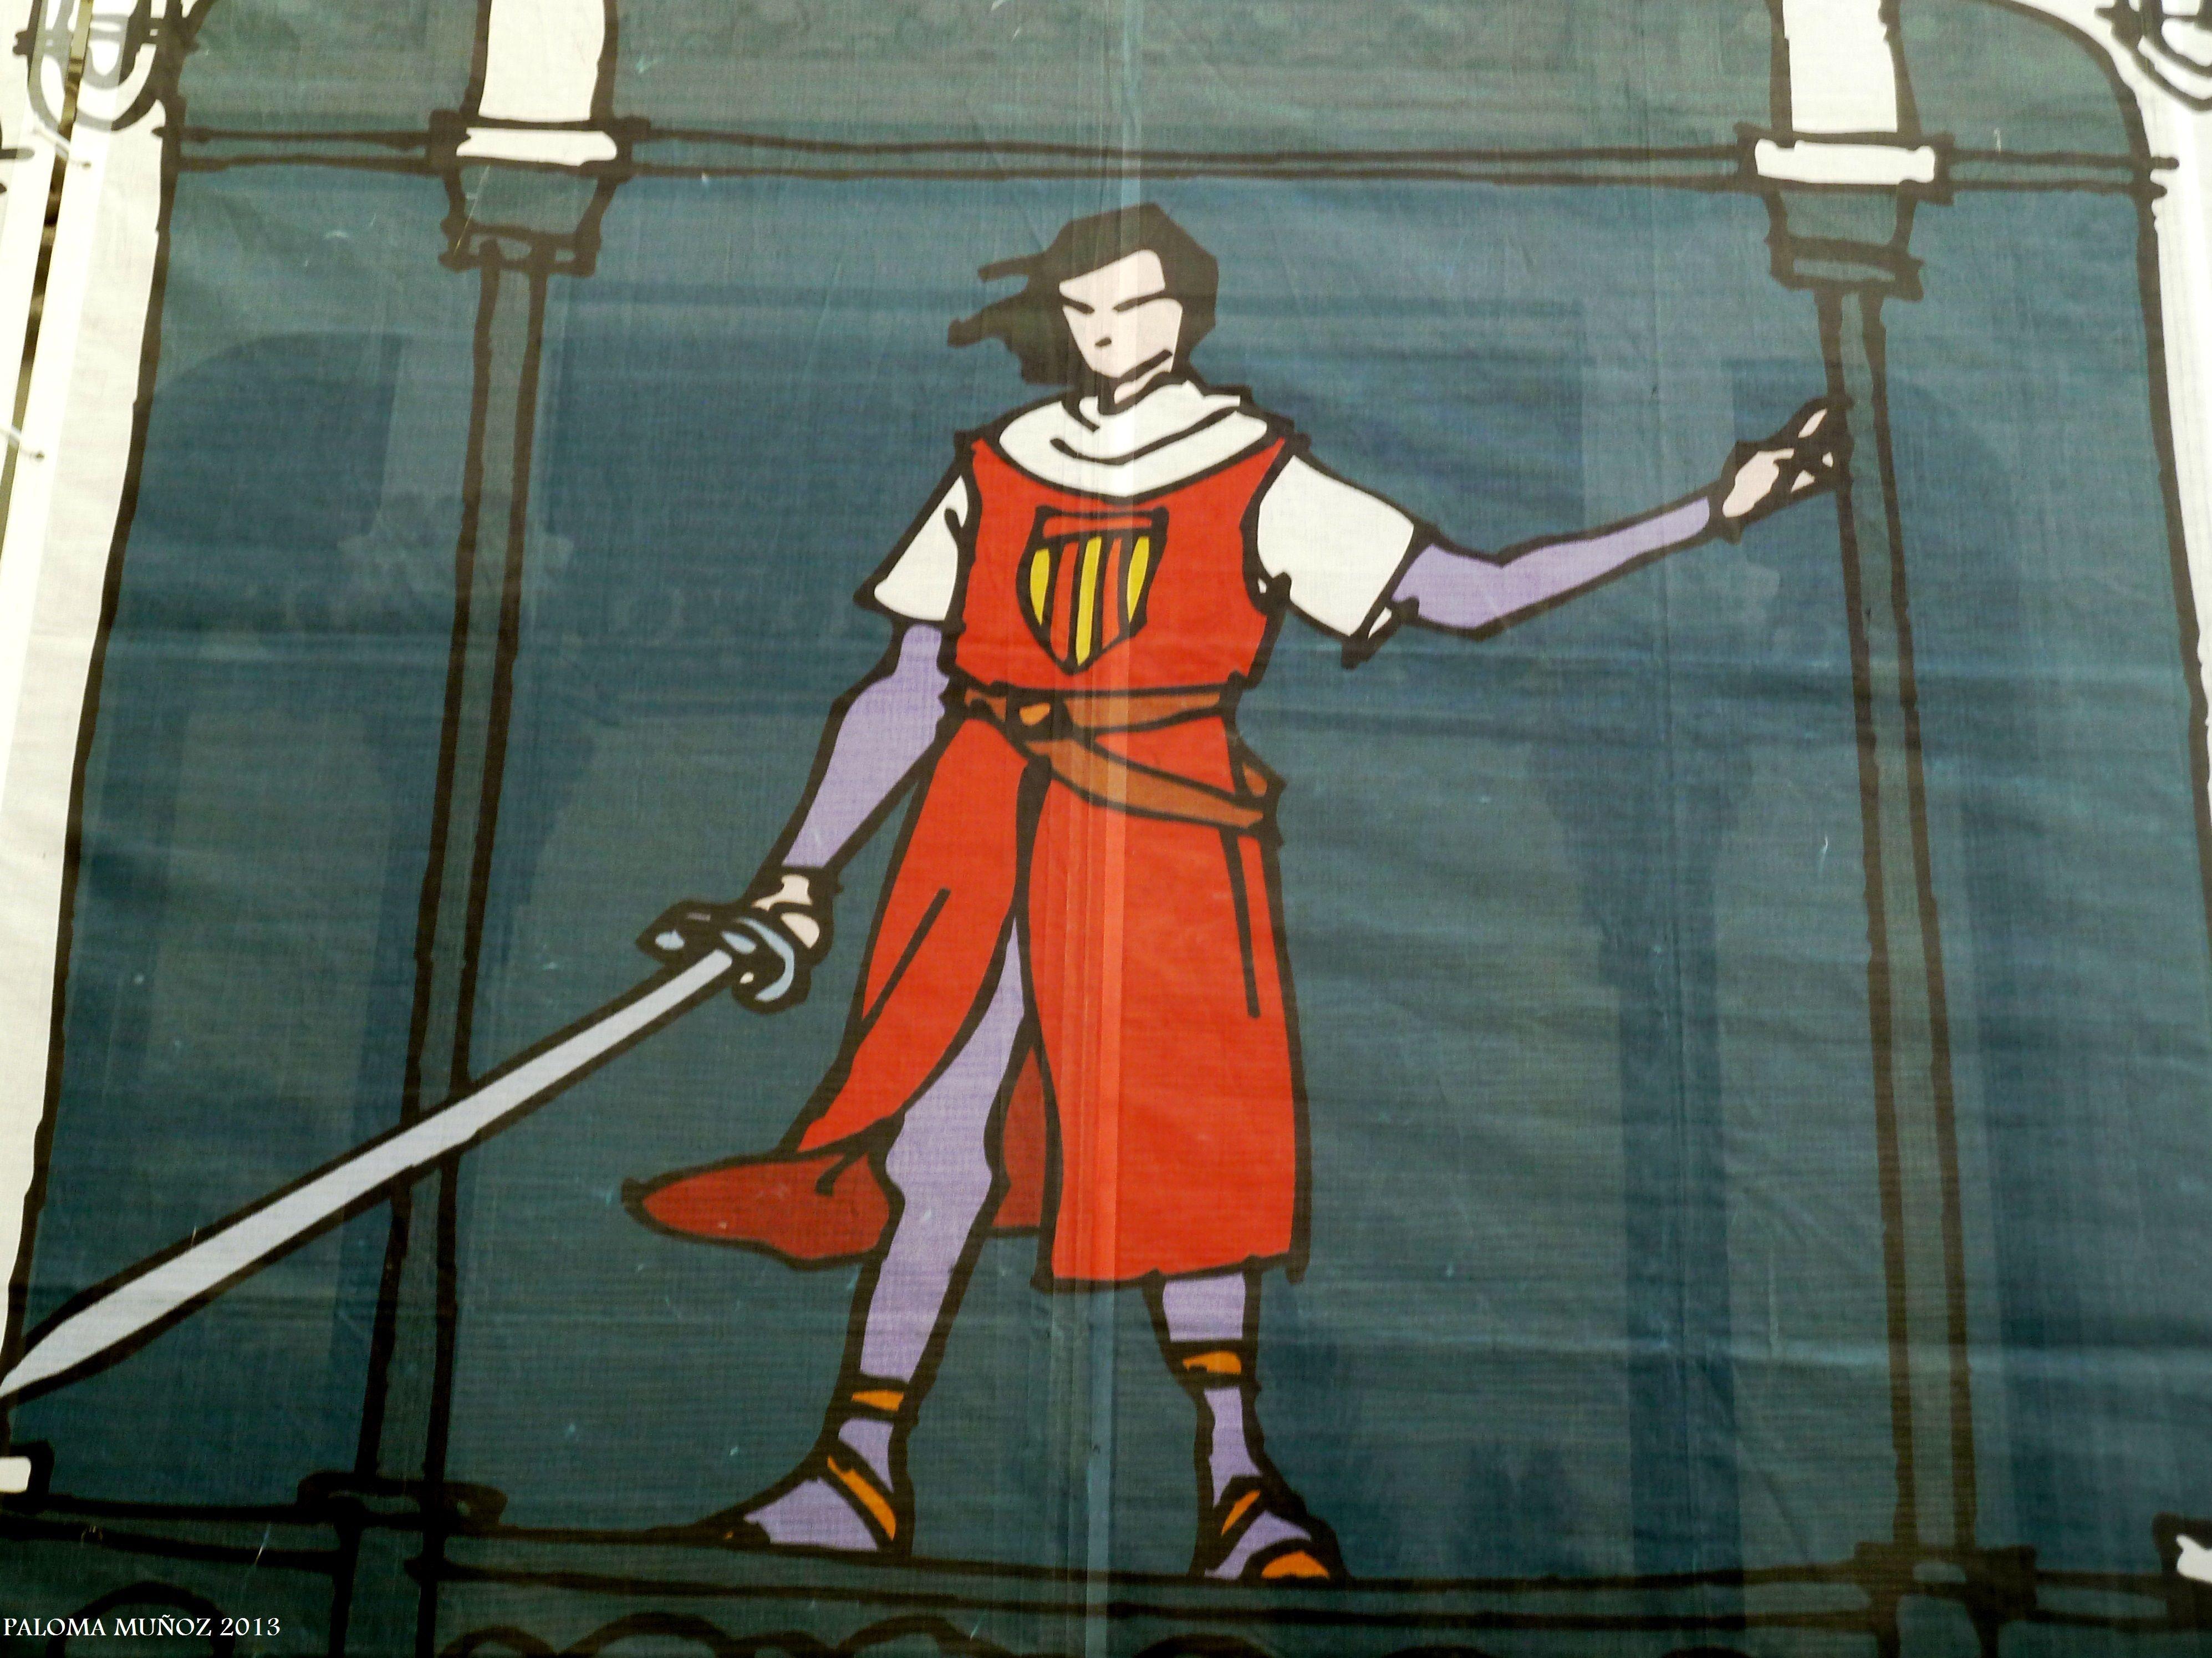 """""""El príncipe Valiente"""" de Harold Foster. Expo Comic La Coruña. """"Prince Valiant"""" by Harold Foster. Comic Expo La Coruna"""